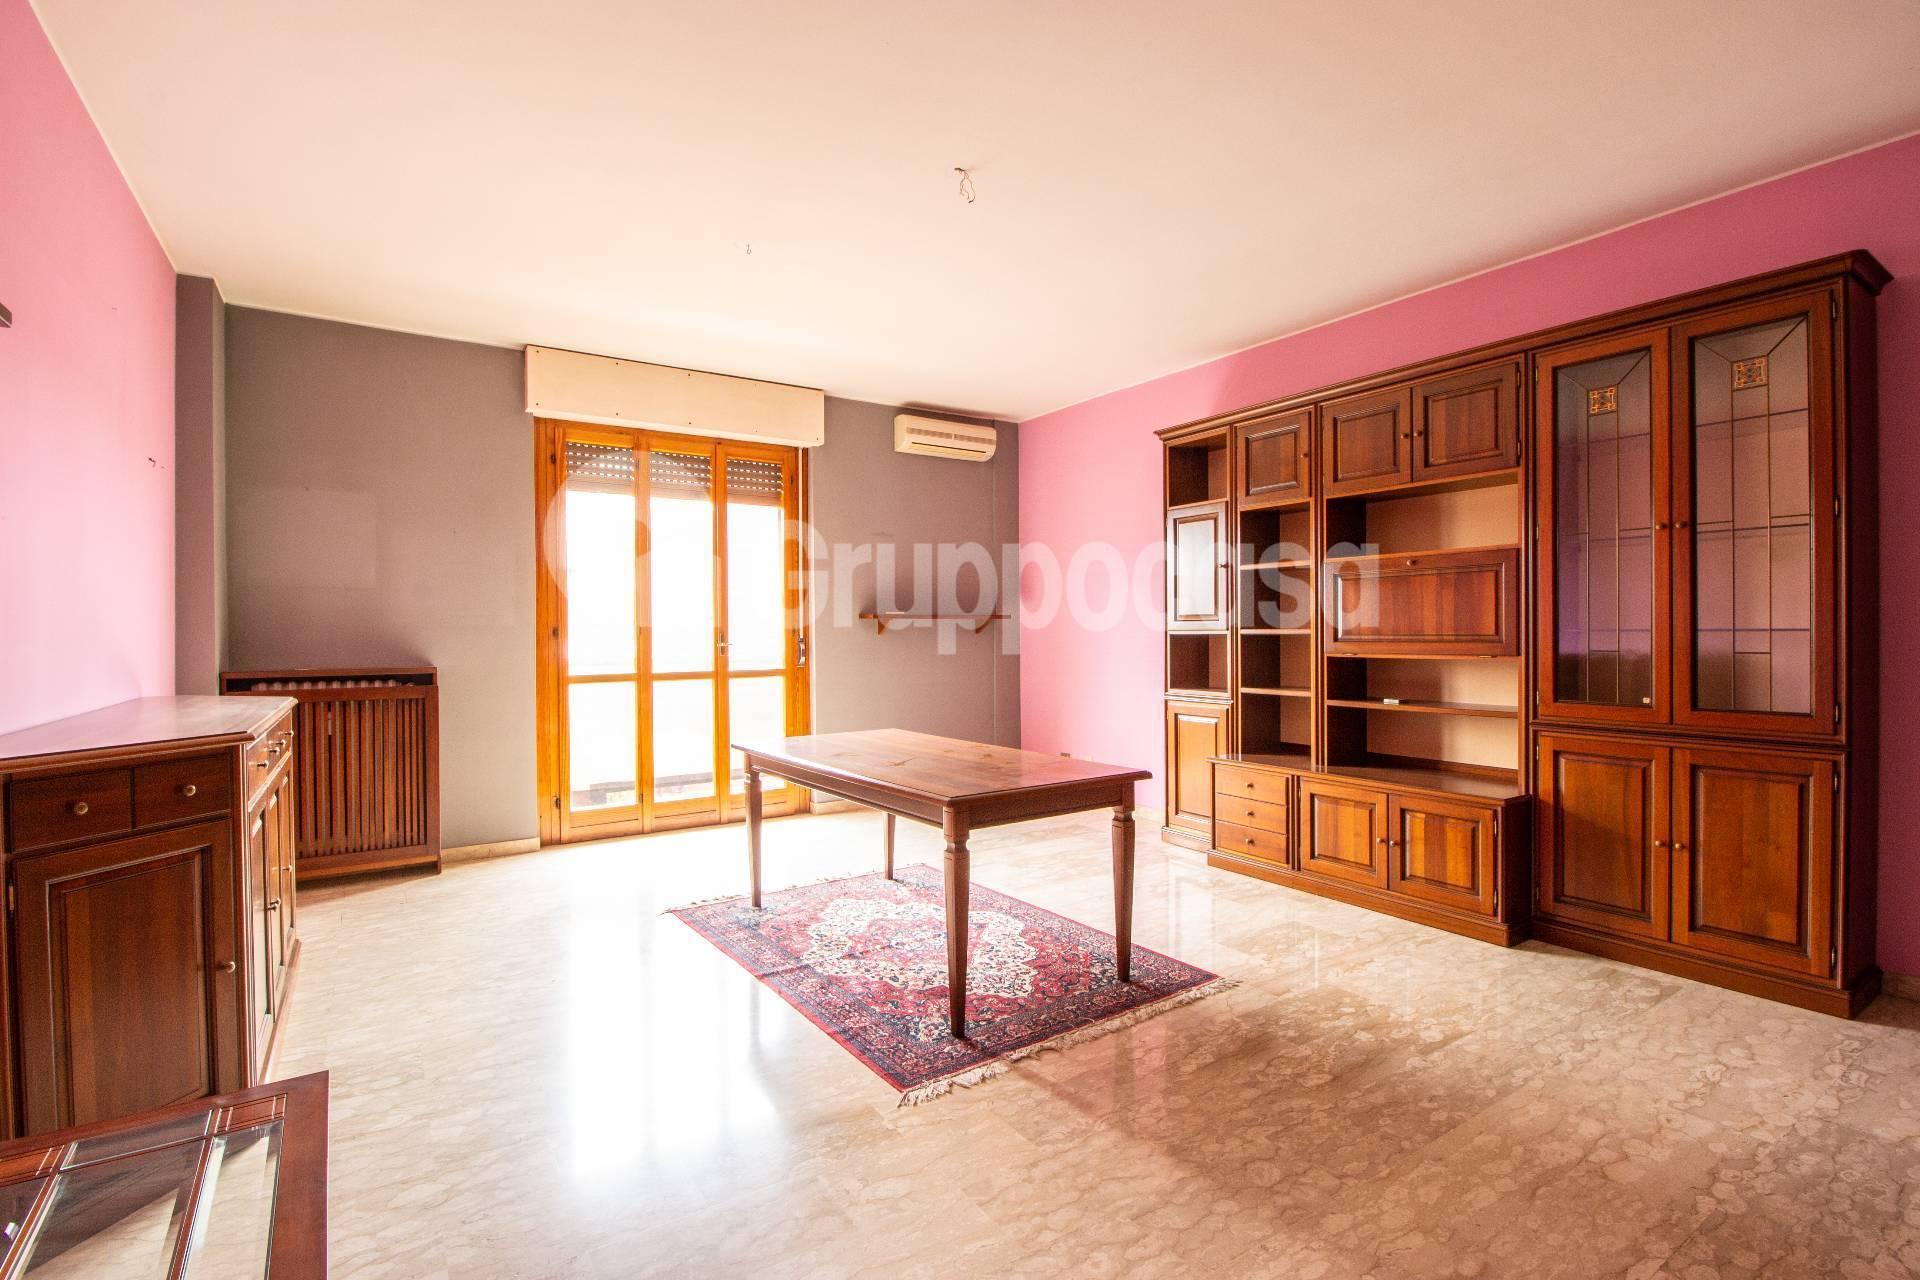 Appartamento in vendita a Ossona, 3 locali, prezzo € 99.000 | PortaleAgenzieImmobiliari.it